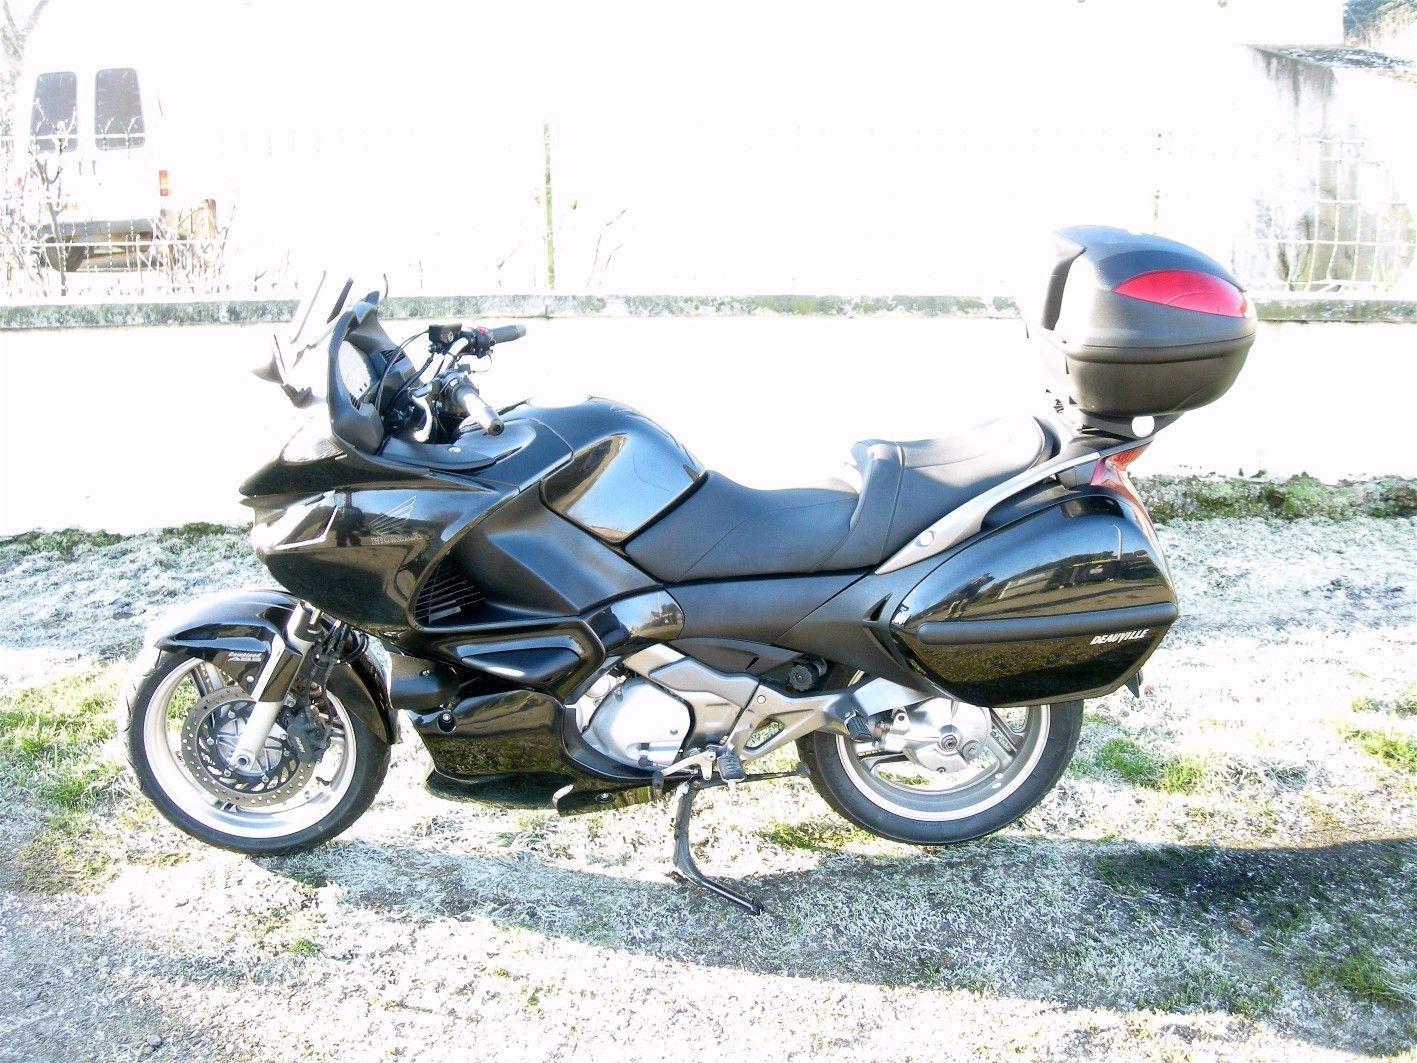 Honda NT 700 V Deuville (La moto de la metropolitana) 3hls61vo